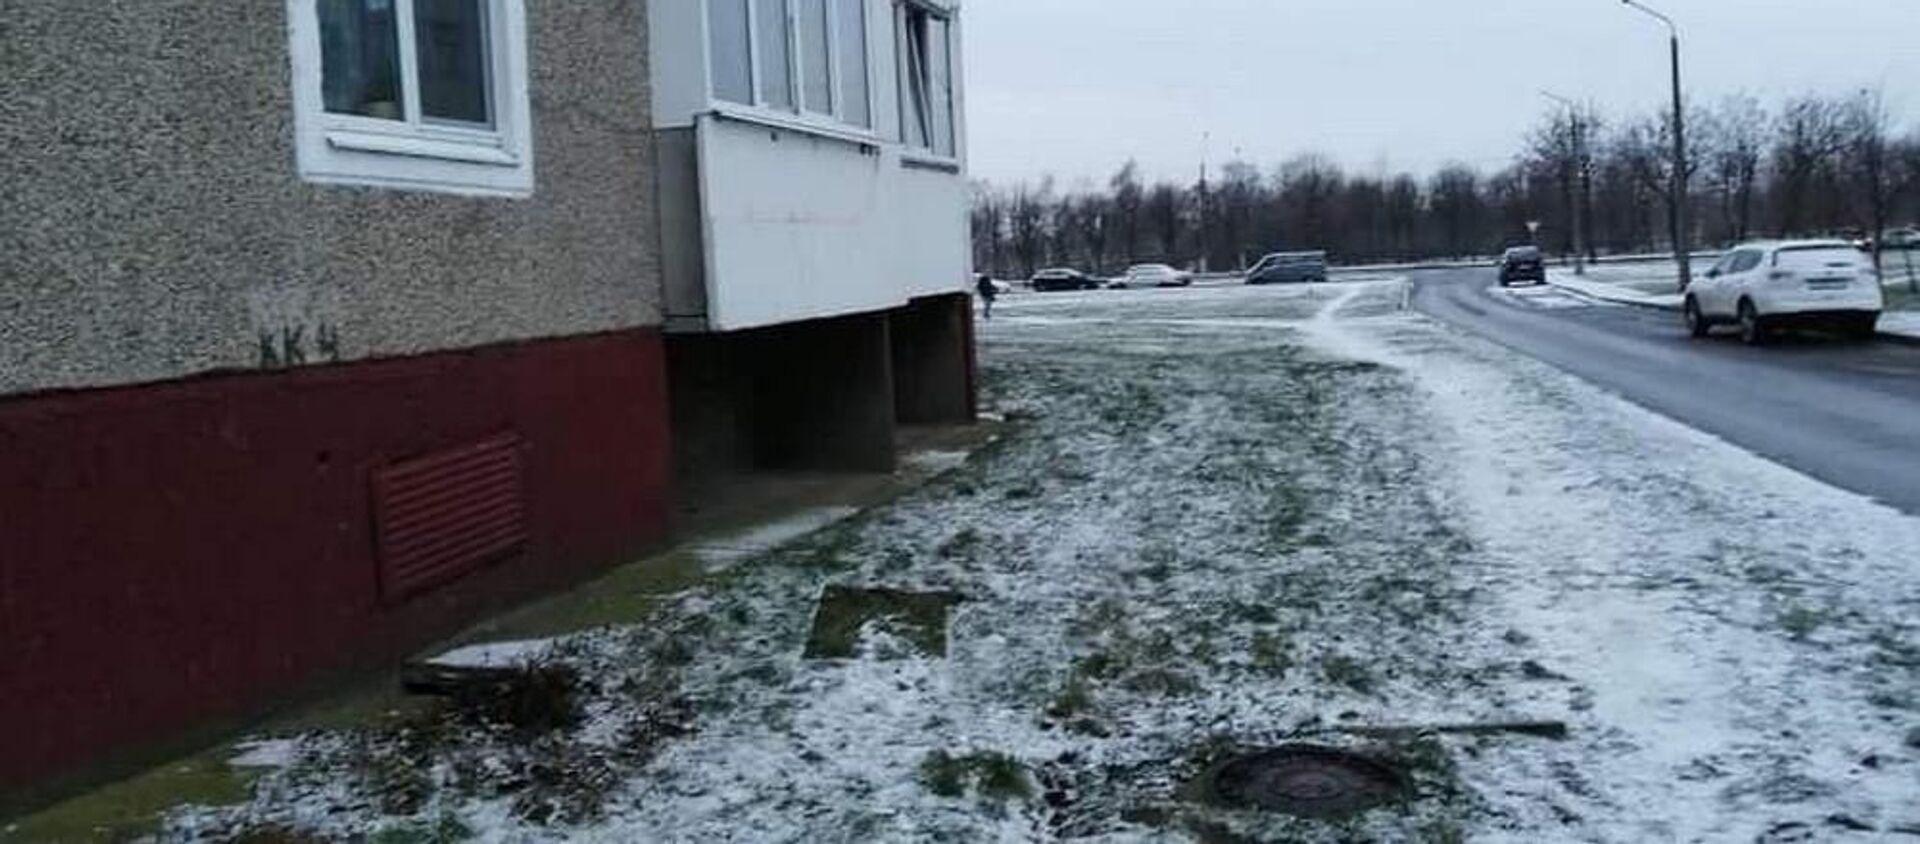 Под балконом этого дома в Могилеве был найден 9-месячный ребенок - Sputnik Беларусь, 1920, 03.12.2019